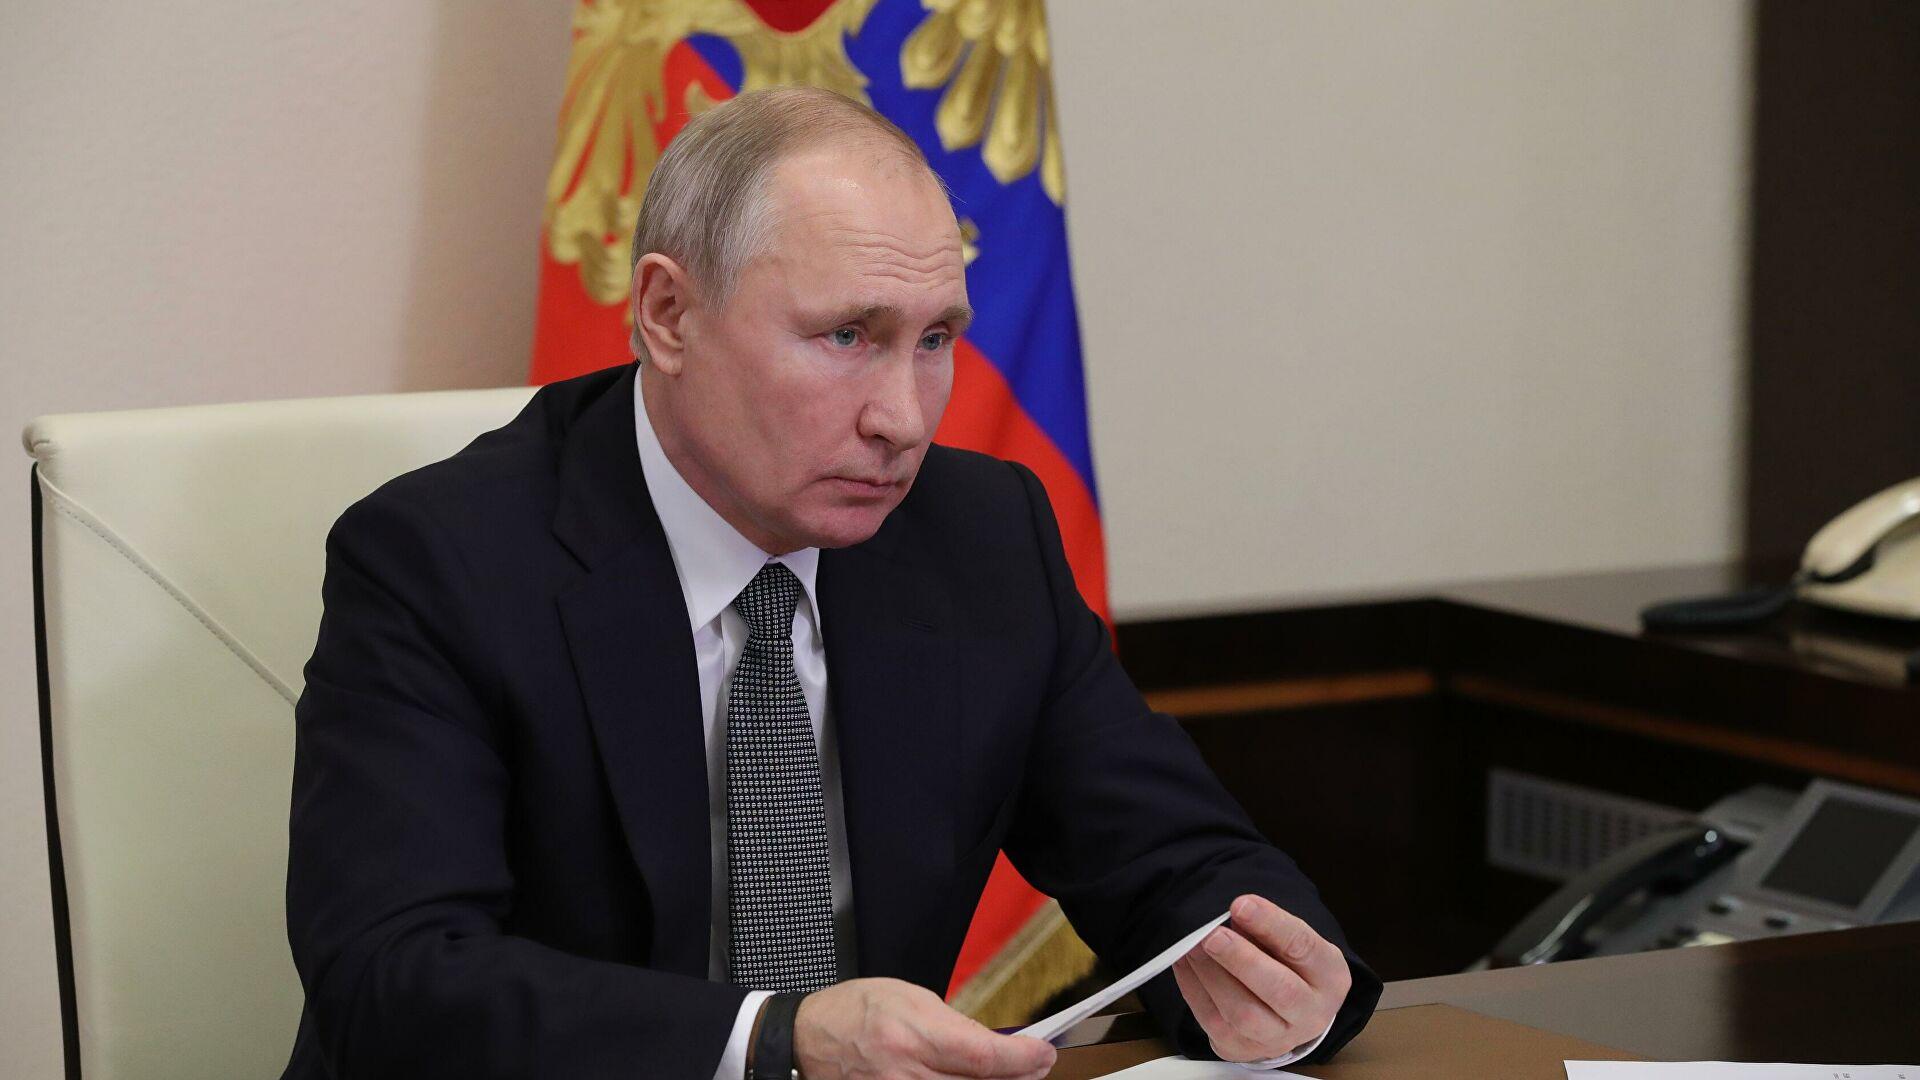 Песков: Рејтинг председника Владимира Путина и поверење у њега заснивају се на делима